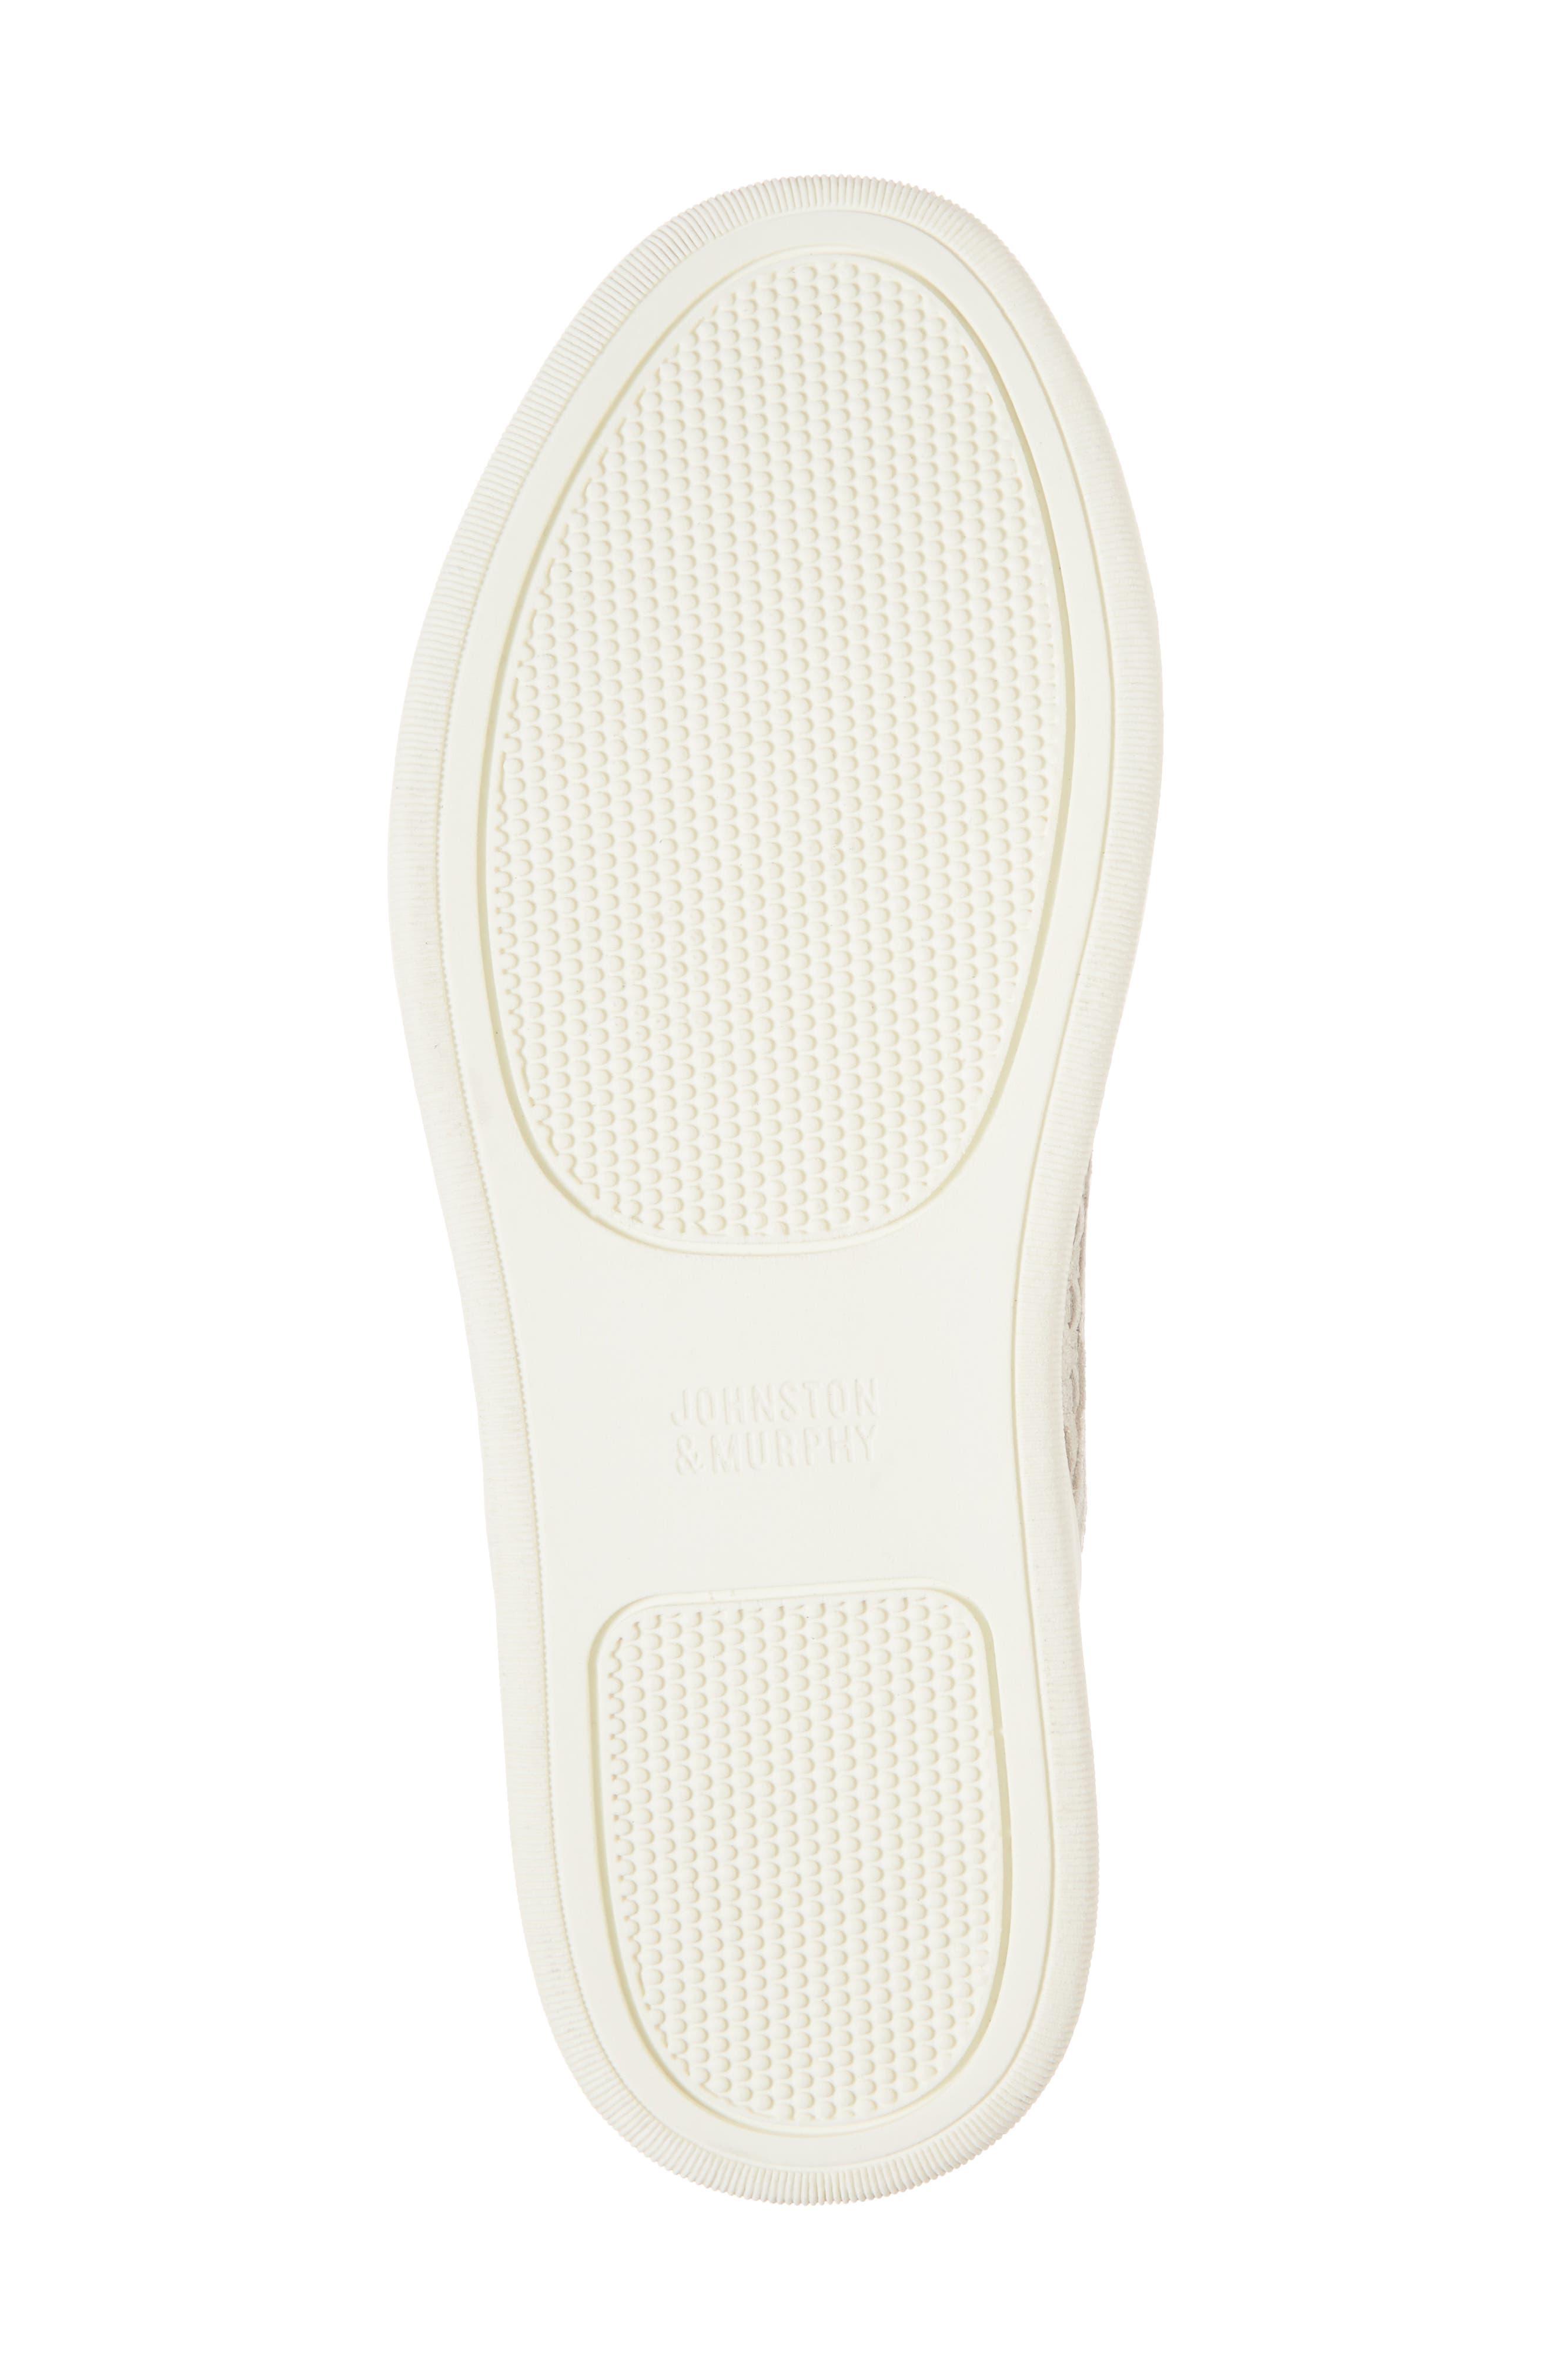 Evie Slip-On Sneaker,                             Alternate thumbnail 6, color,                             ICE LEATHER